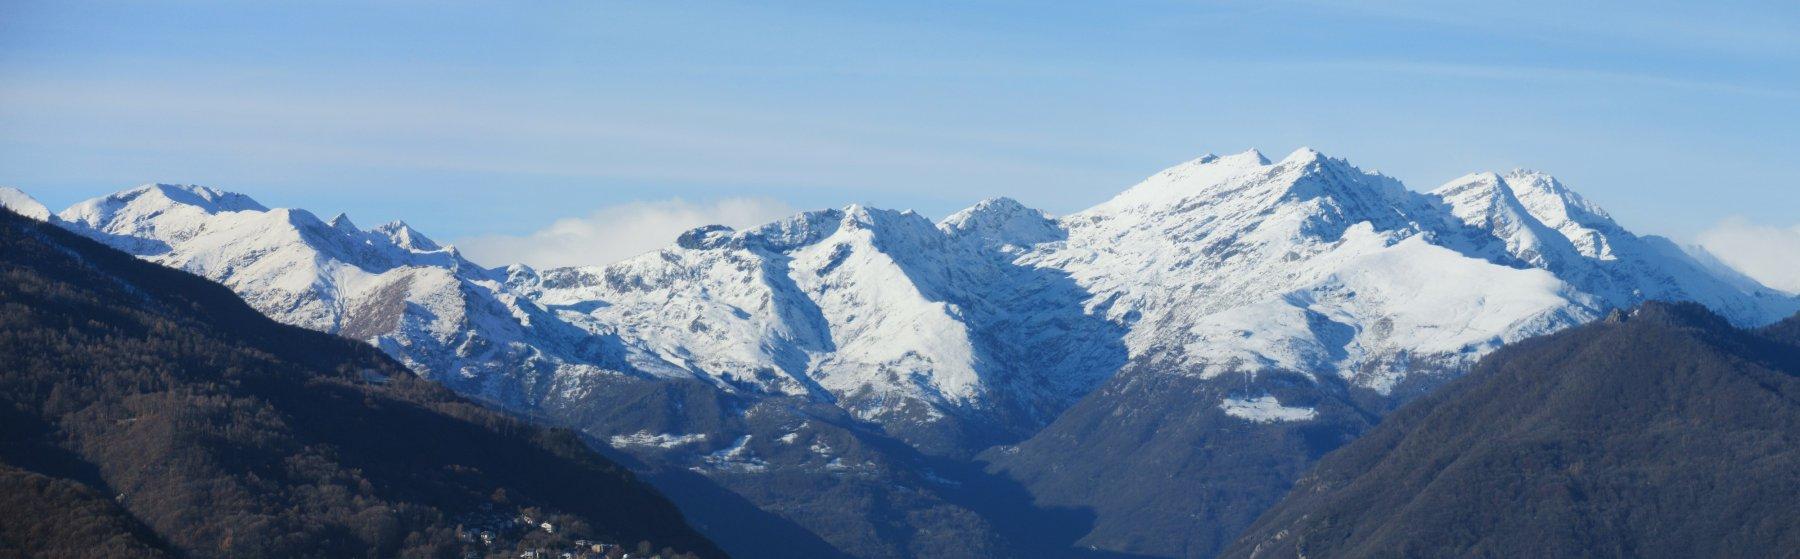 Panorama sui monti della Valle dell'Orco